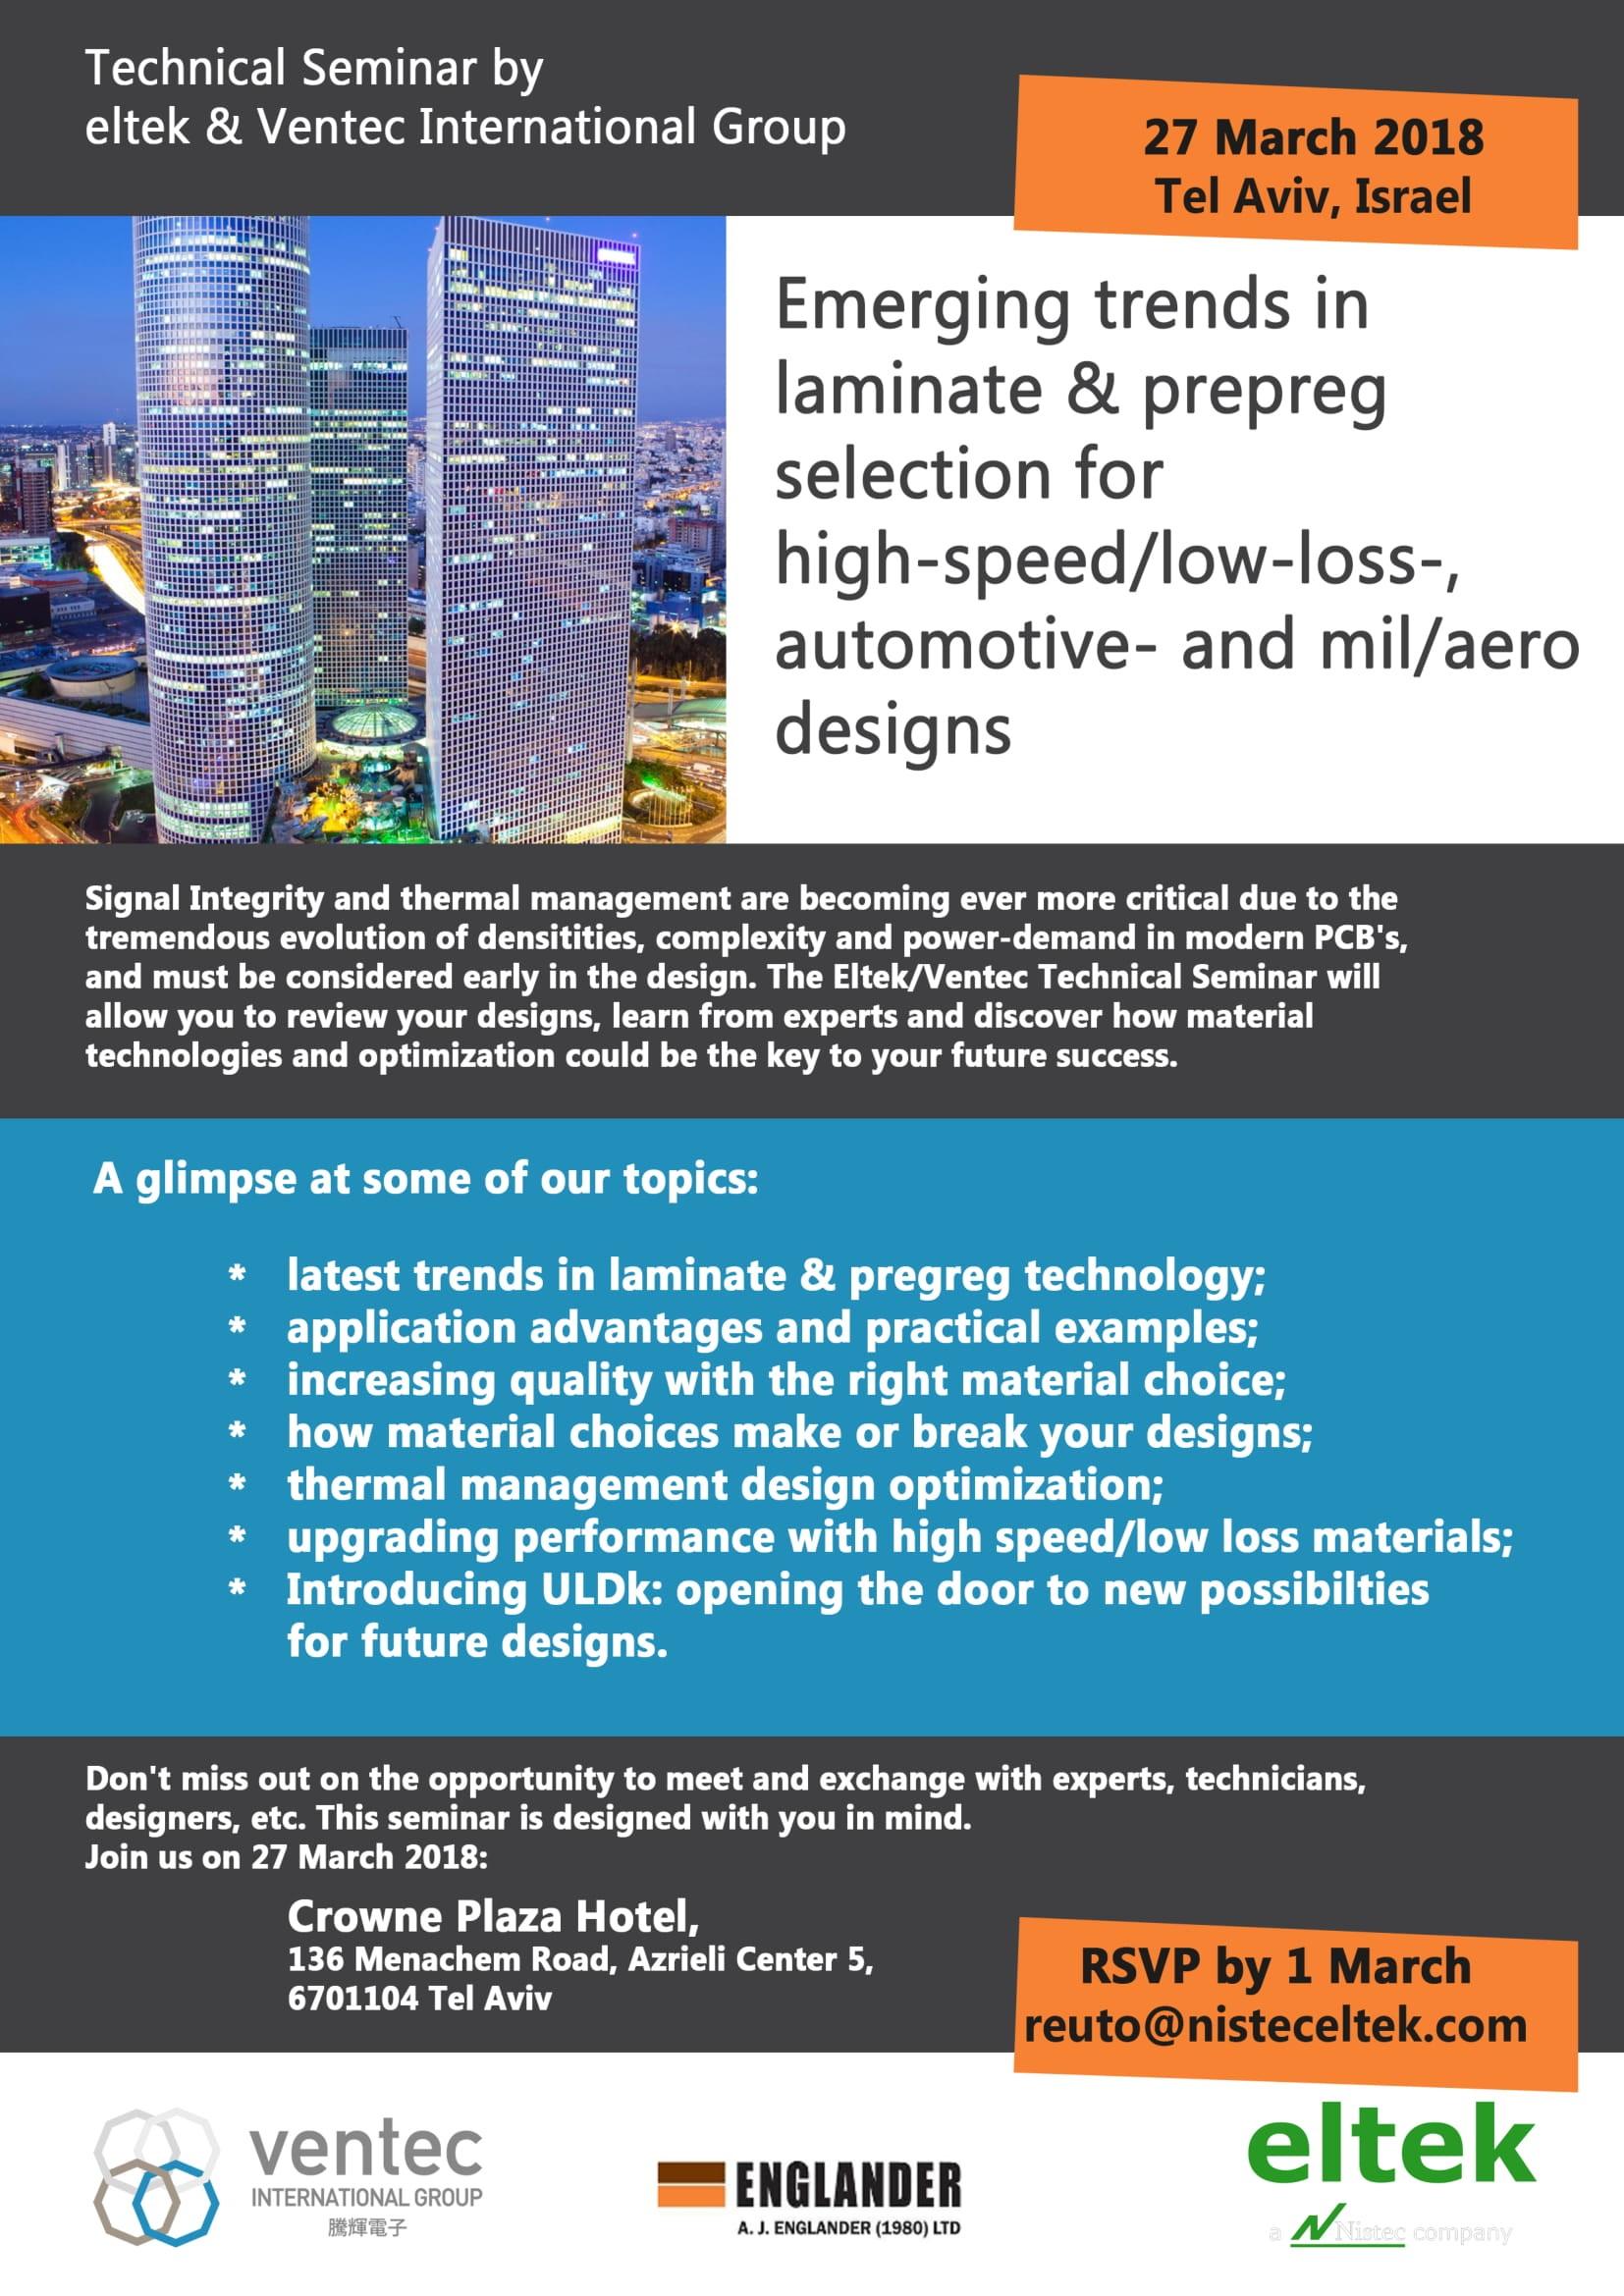 Technical Seminar Invite flyer-1